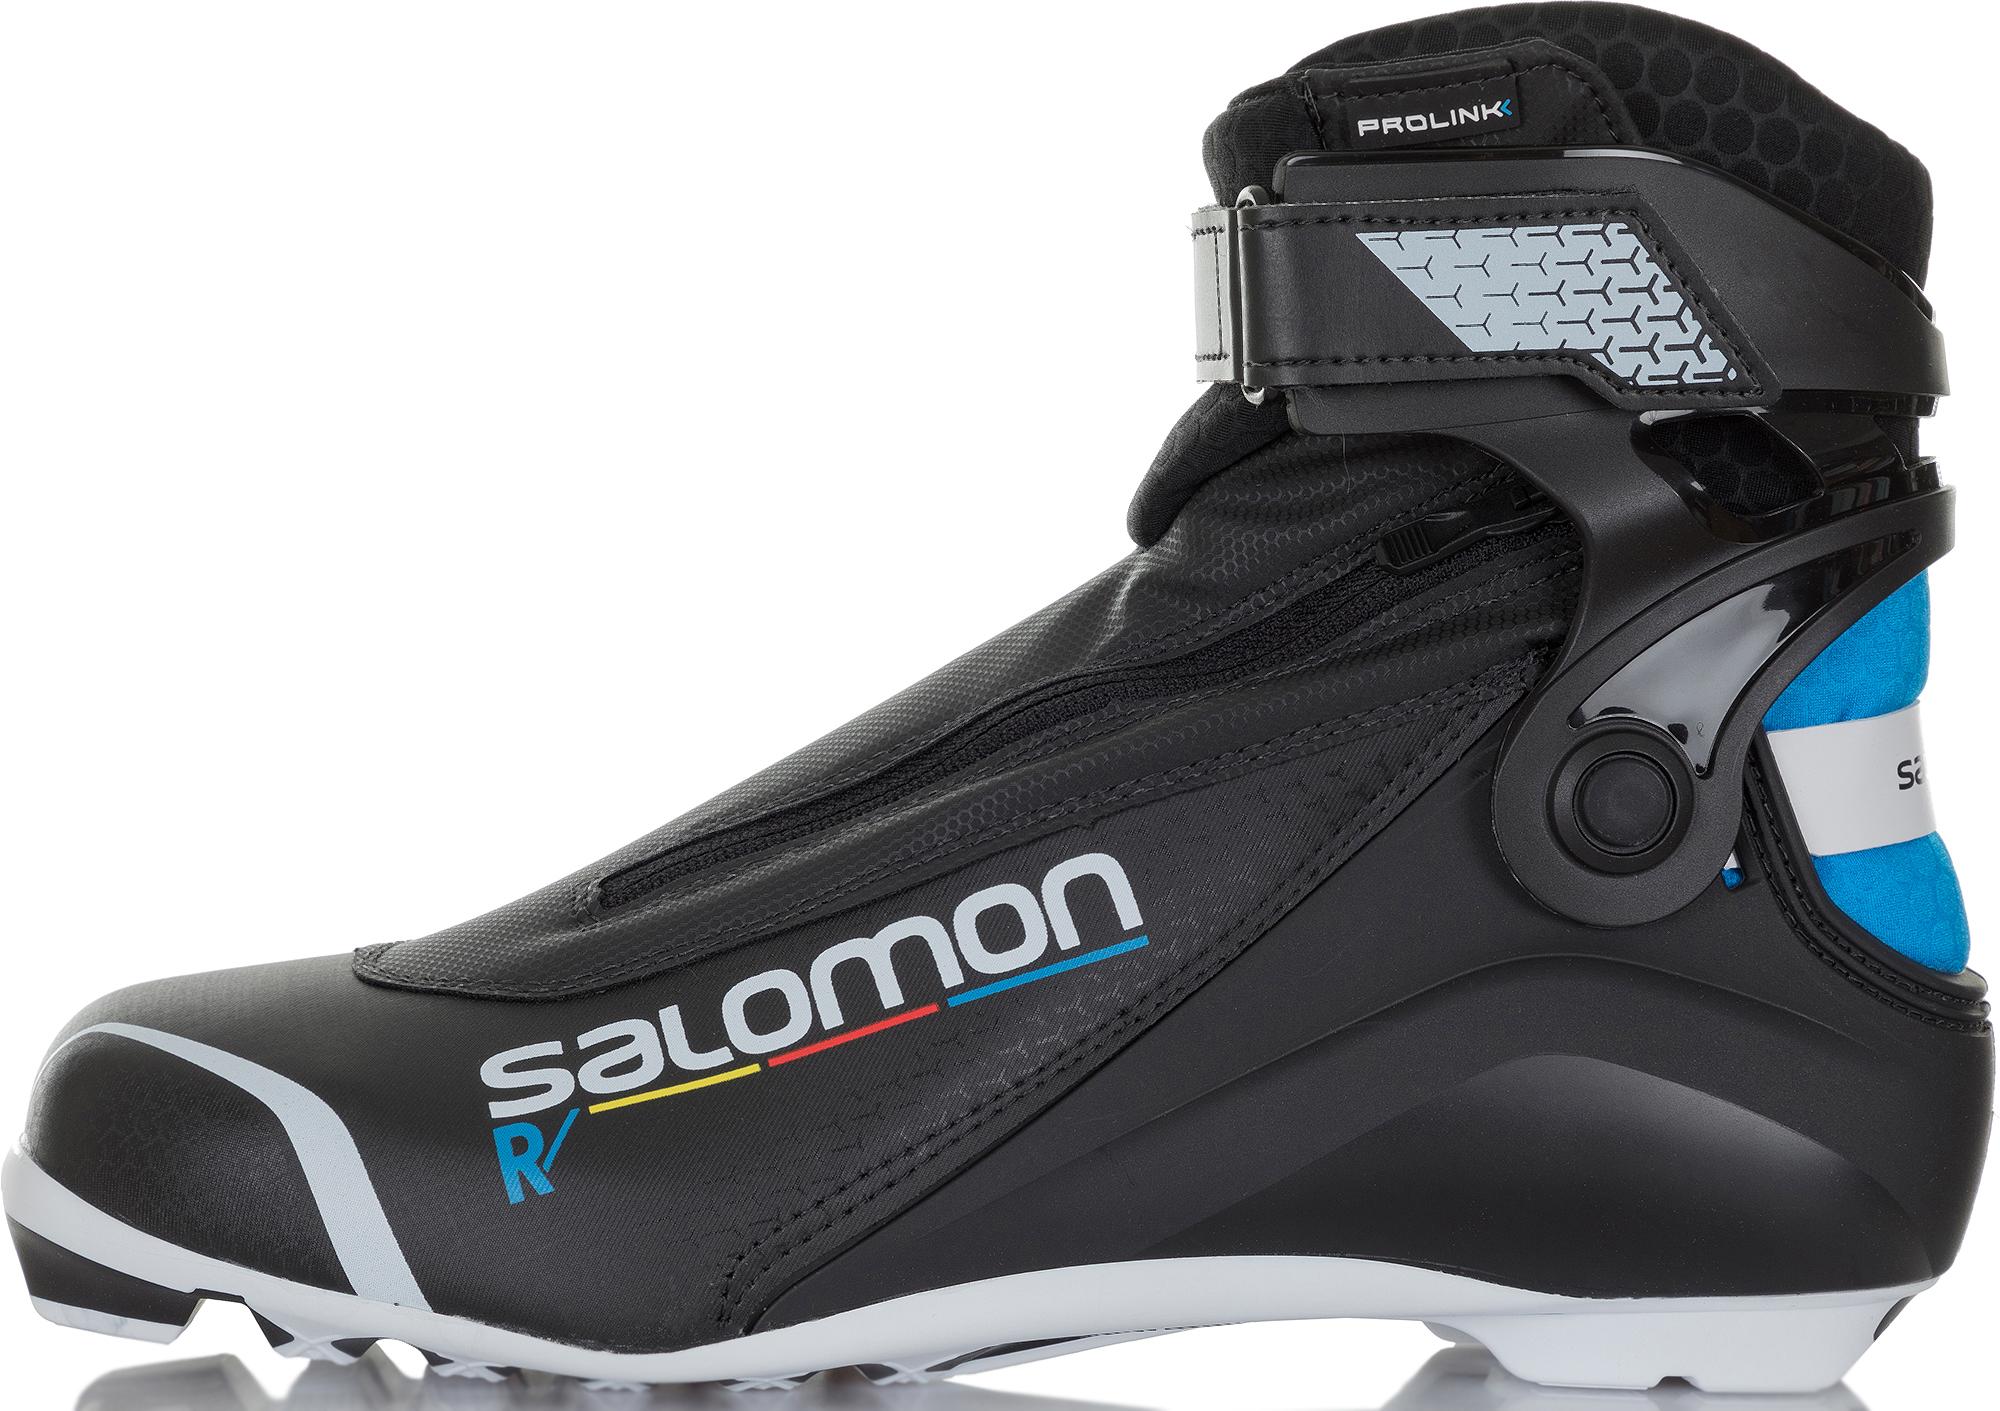 Salomon Ботинки для беговых лыж R/Prolink